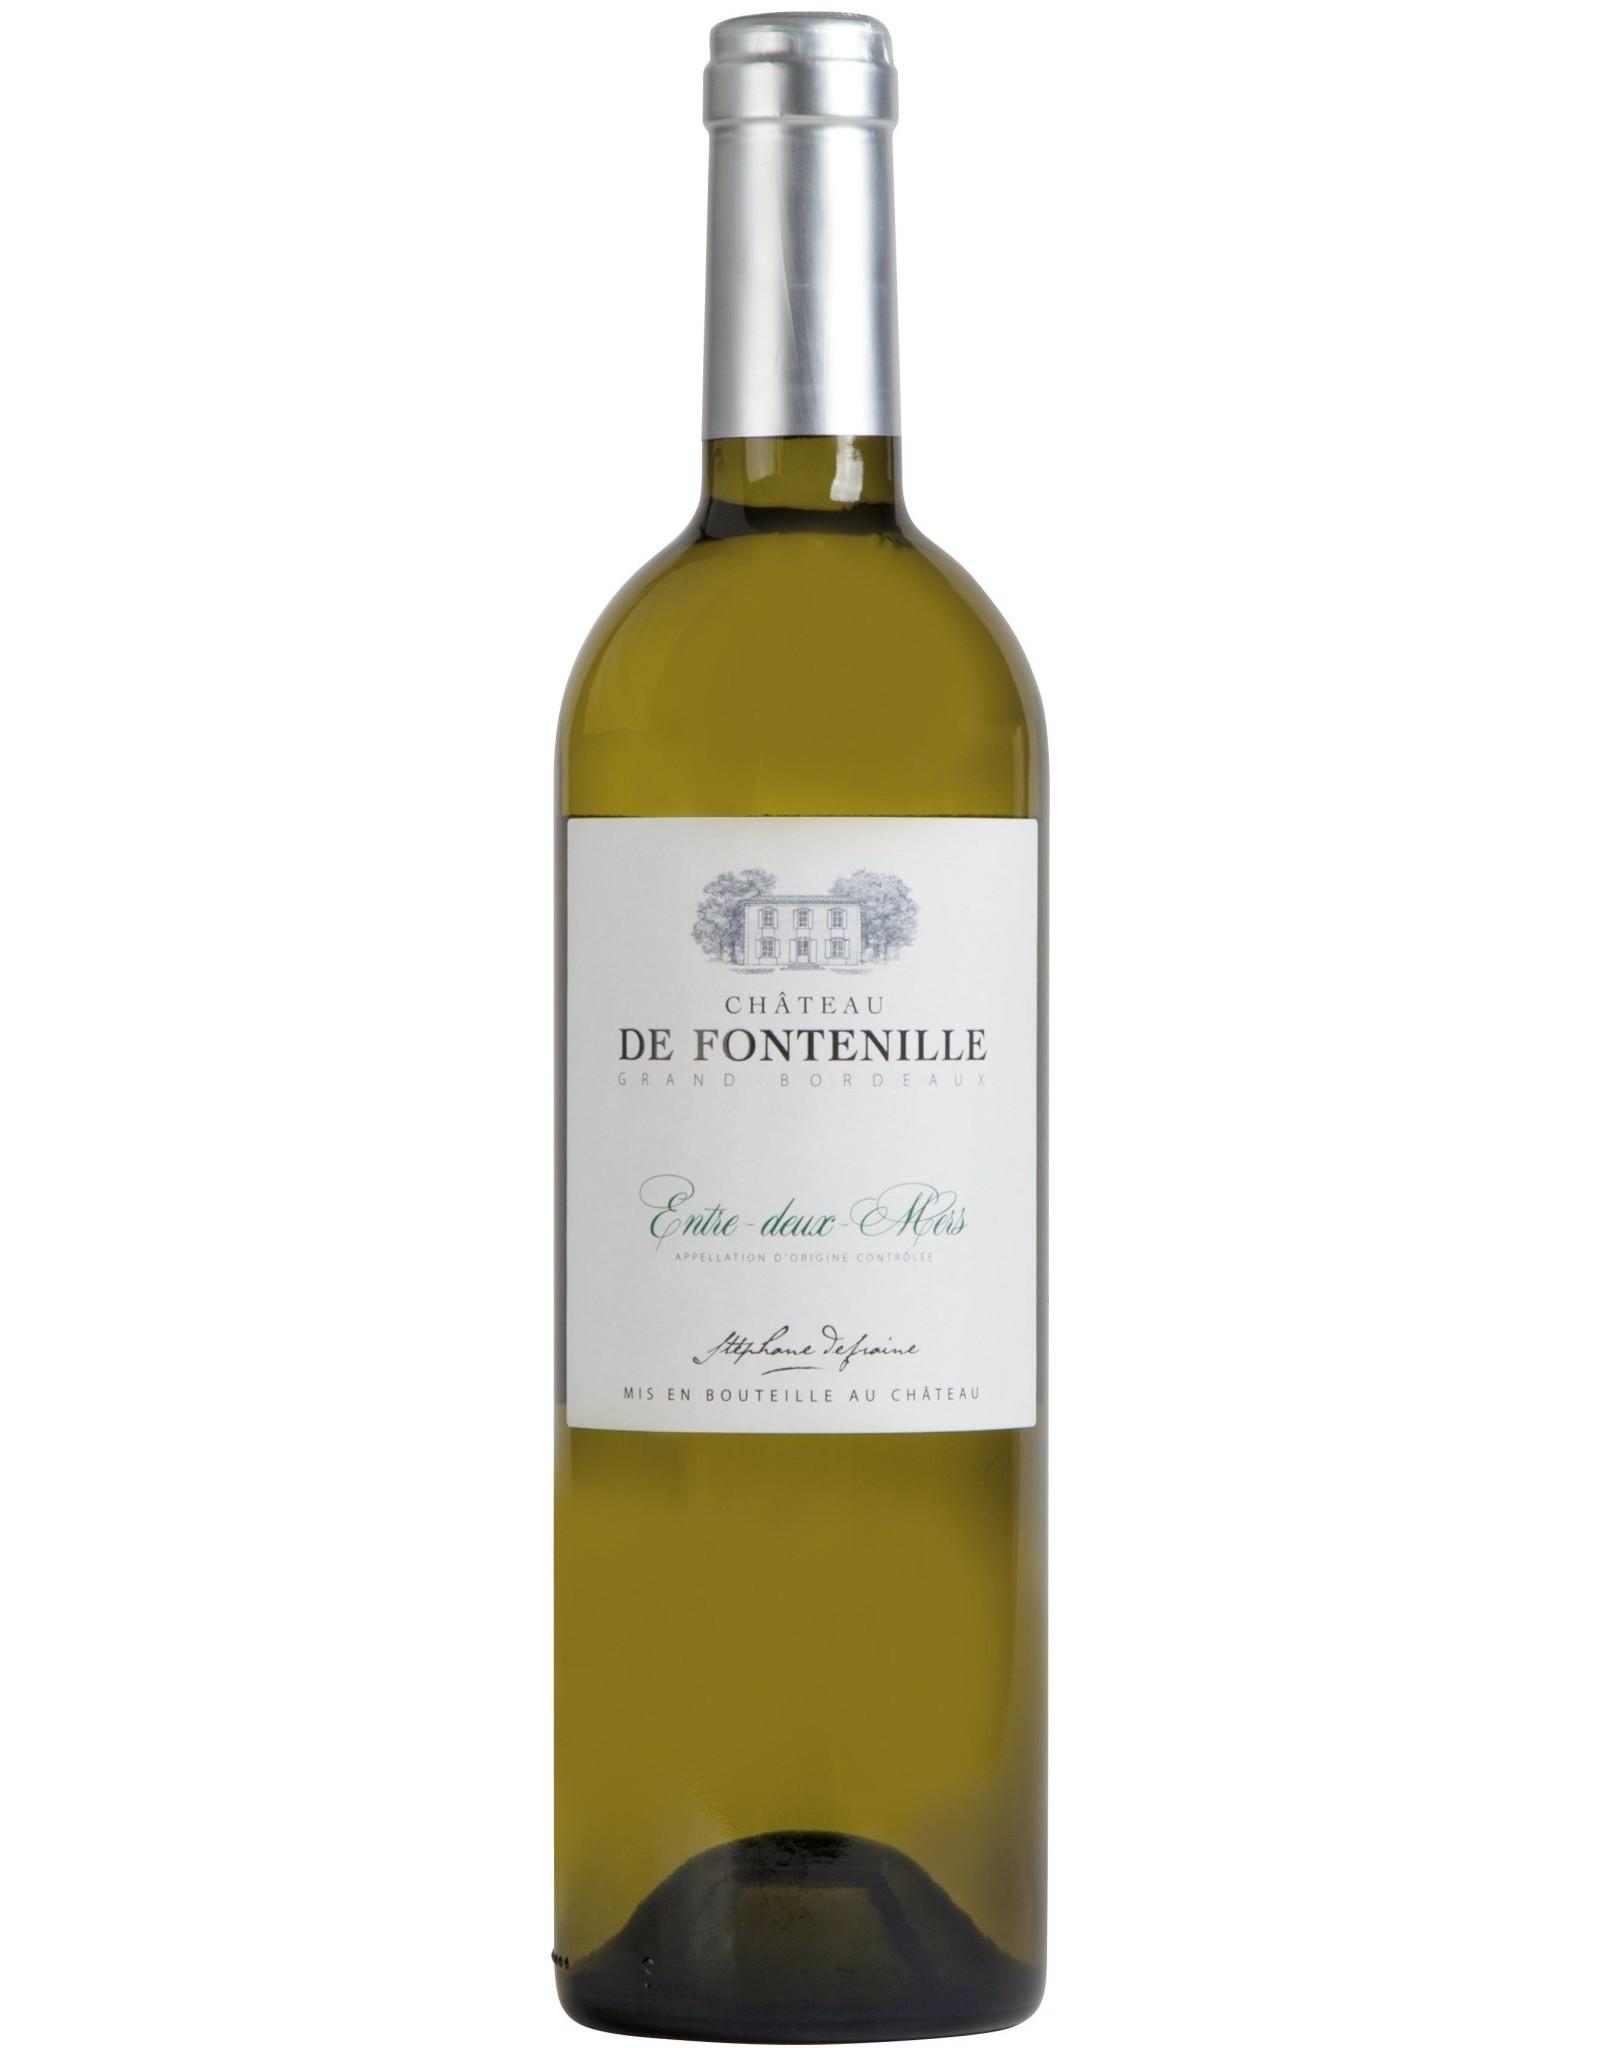 Chateau de Fontenille Entre Deux Mers Blanc 2018